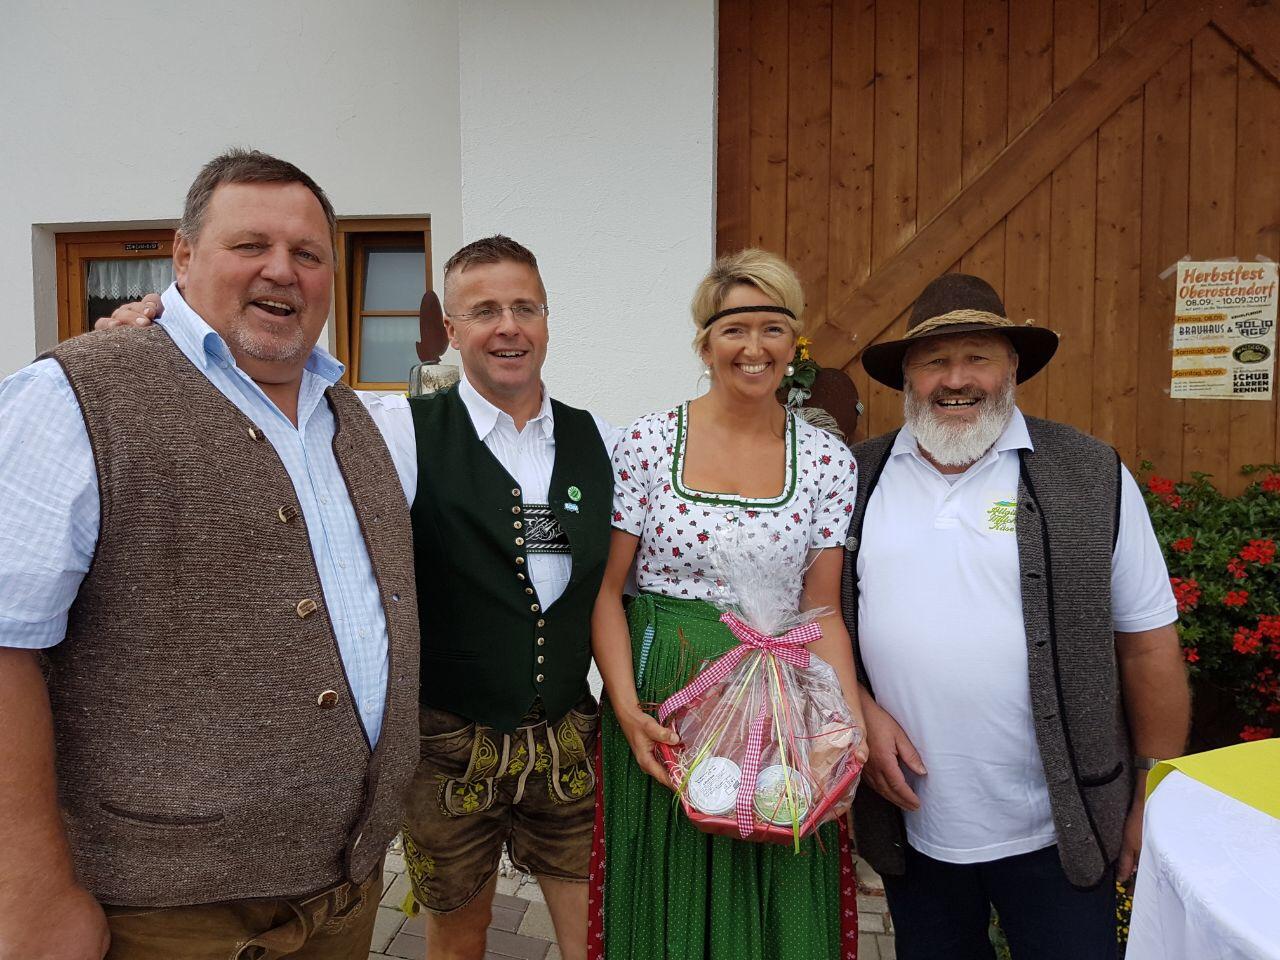 Hubert Dennenmoser (GF), Josef und Caroline Müller, Hermann Breher (VV)